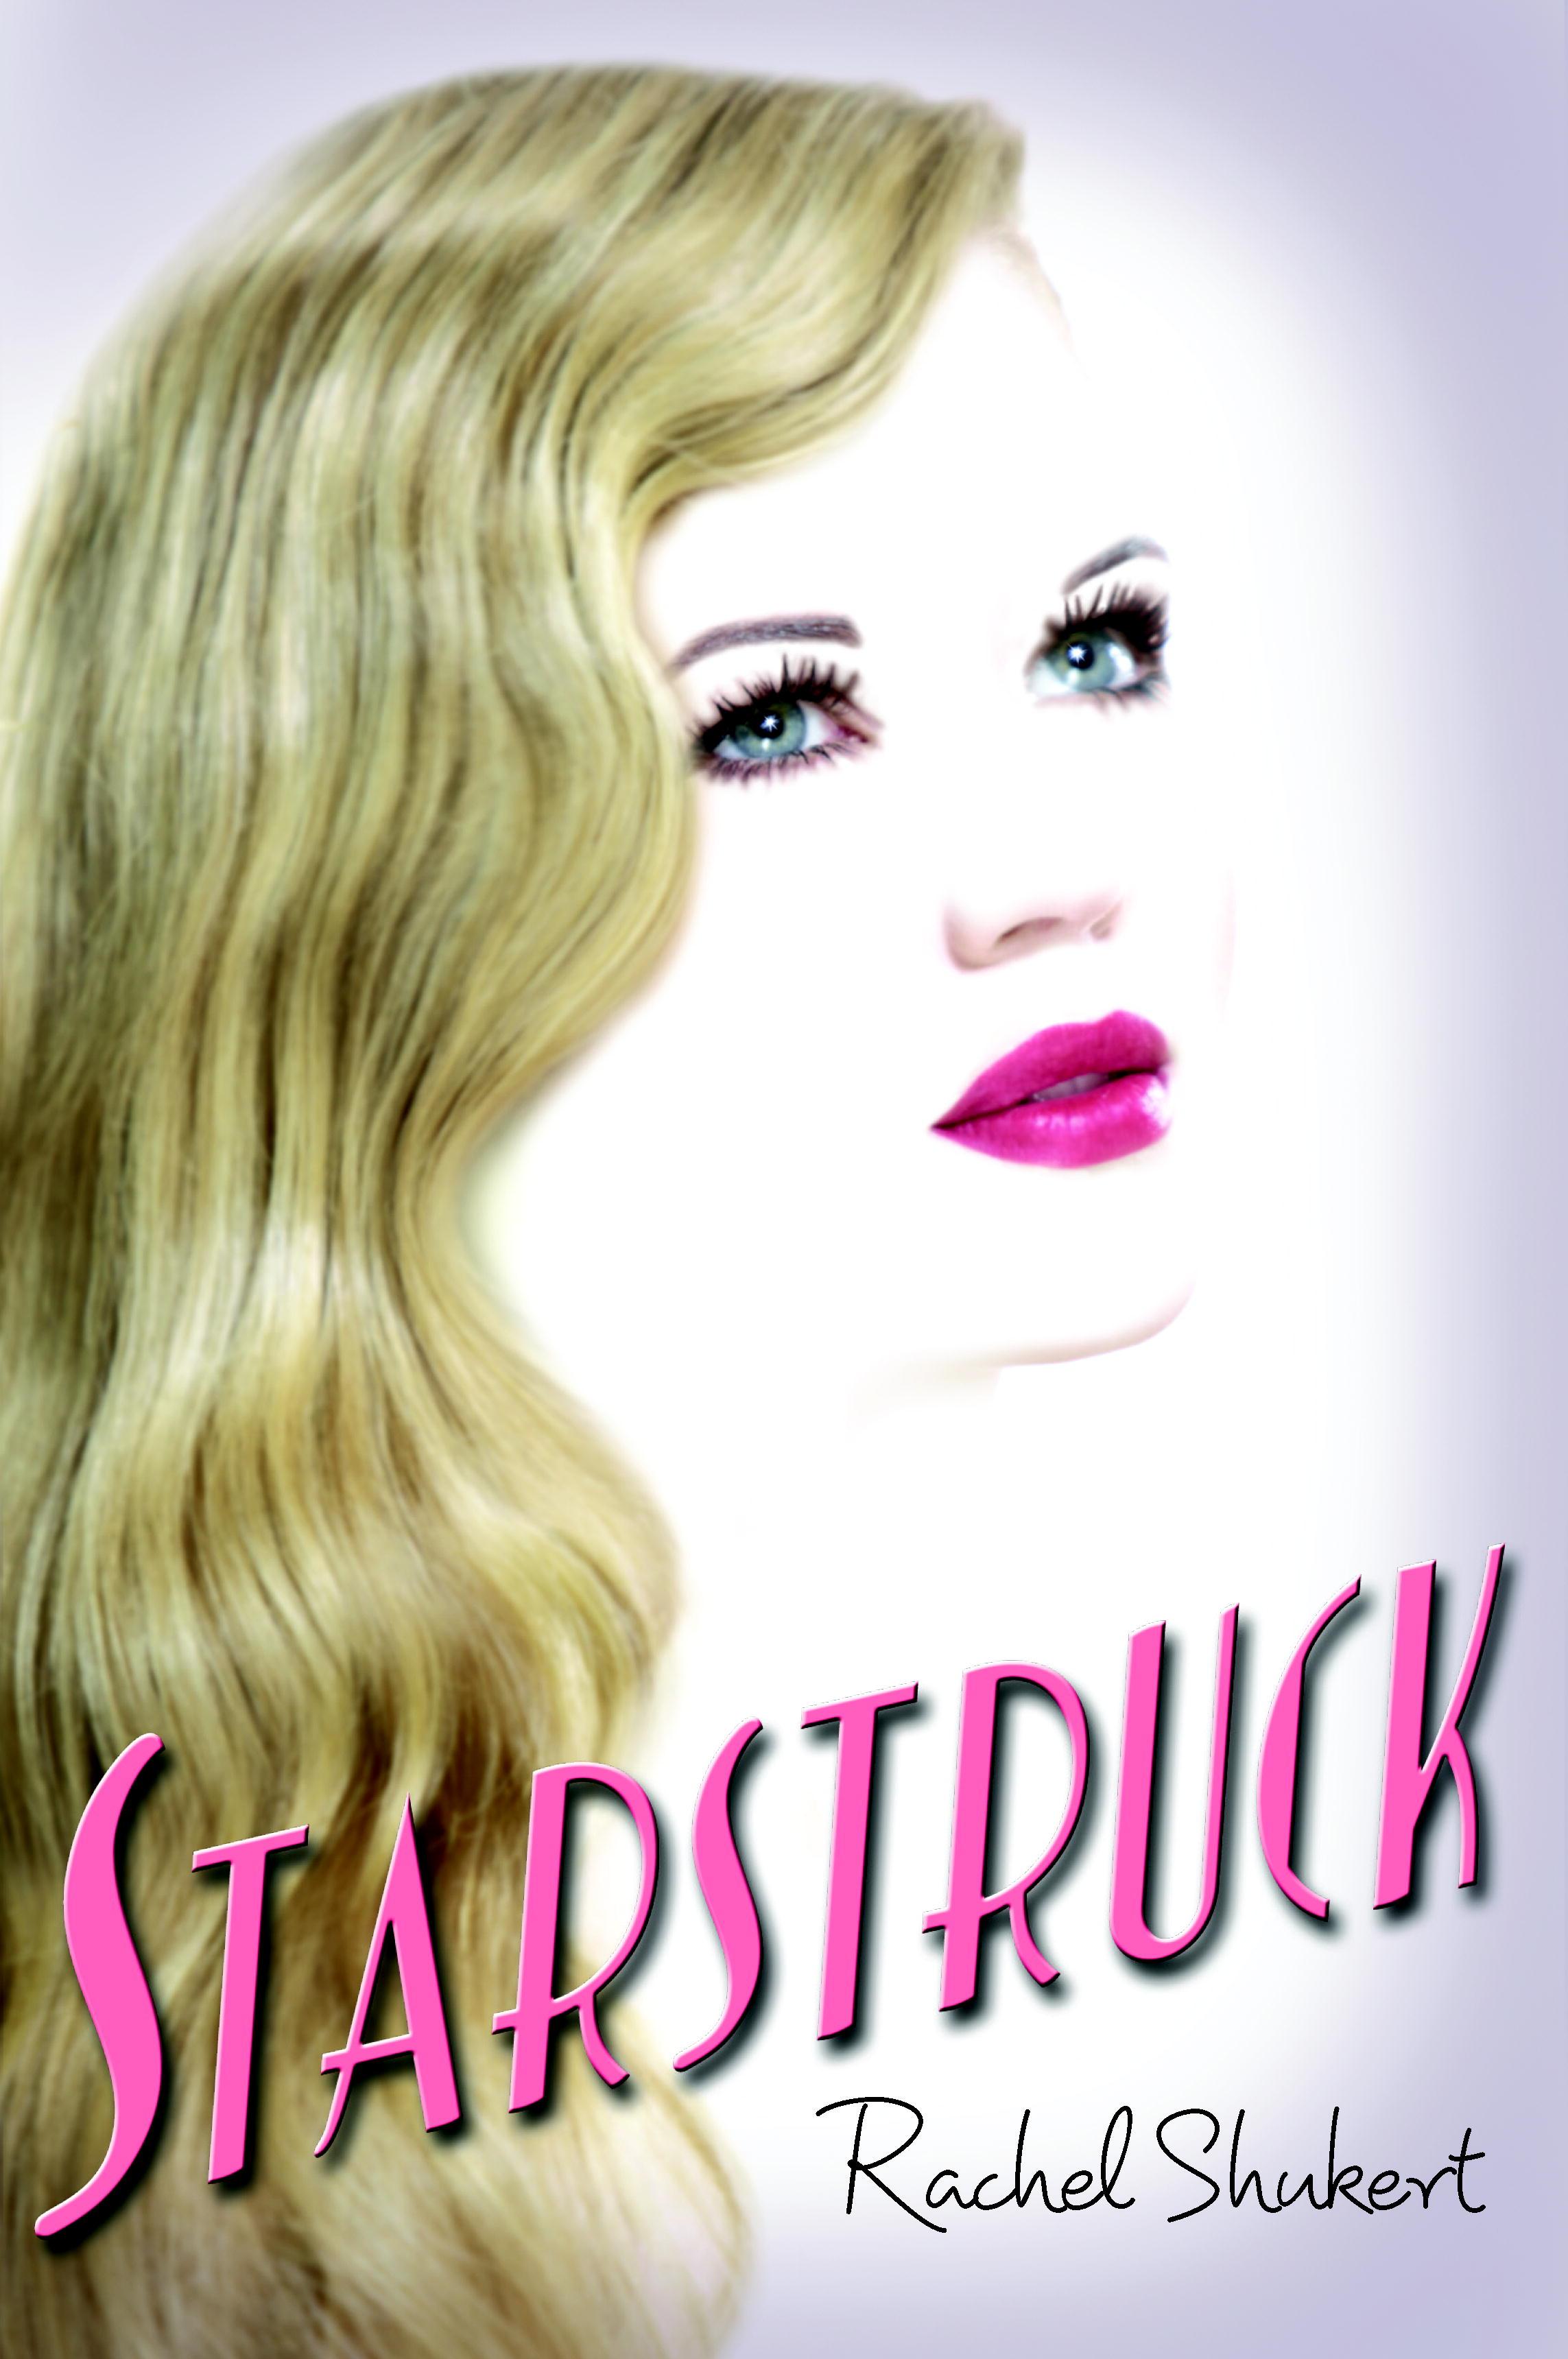 Book Launch: Starstruck by Rachel Shukert